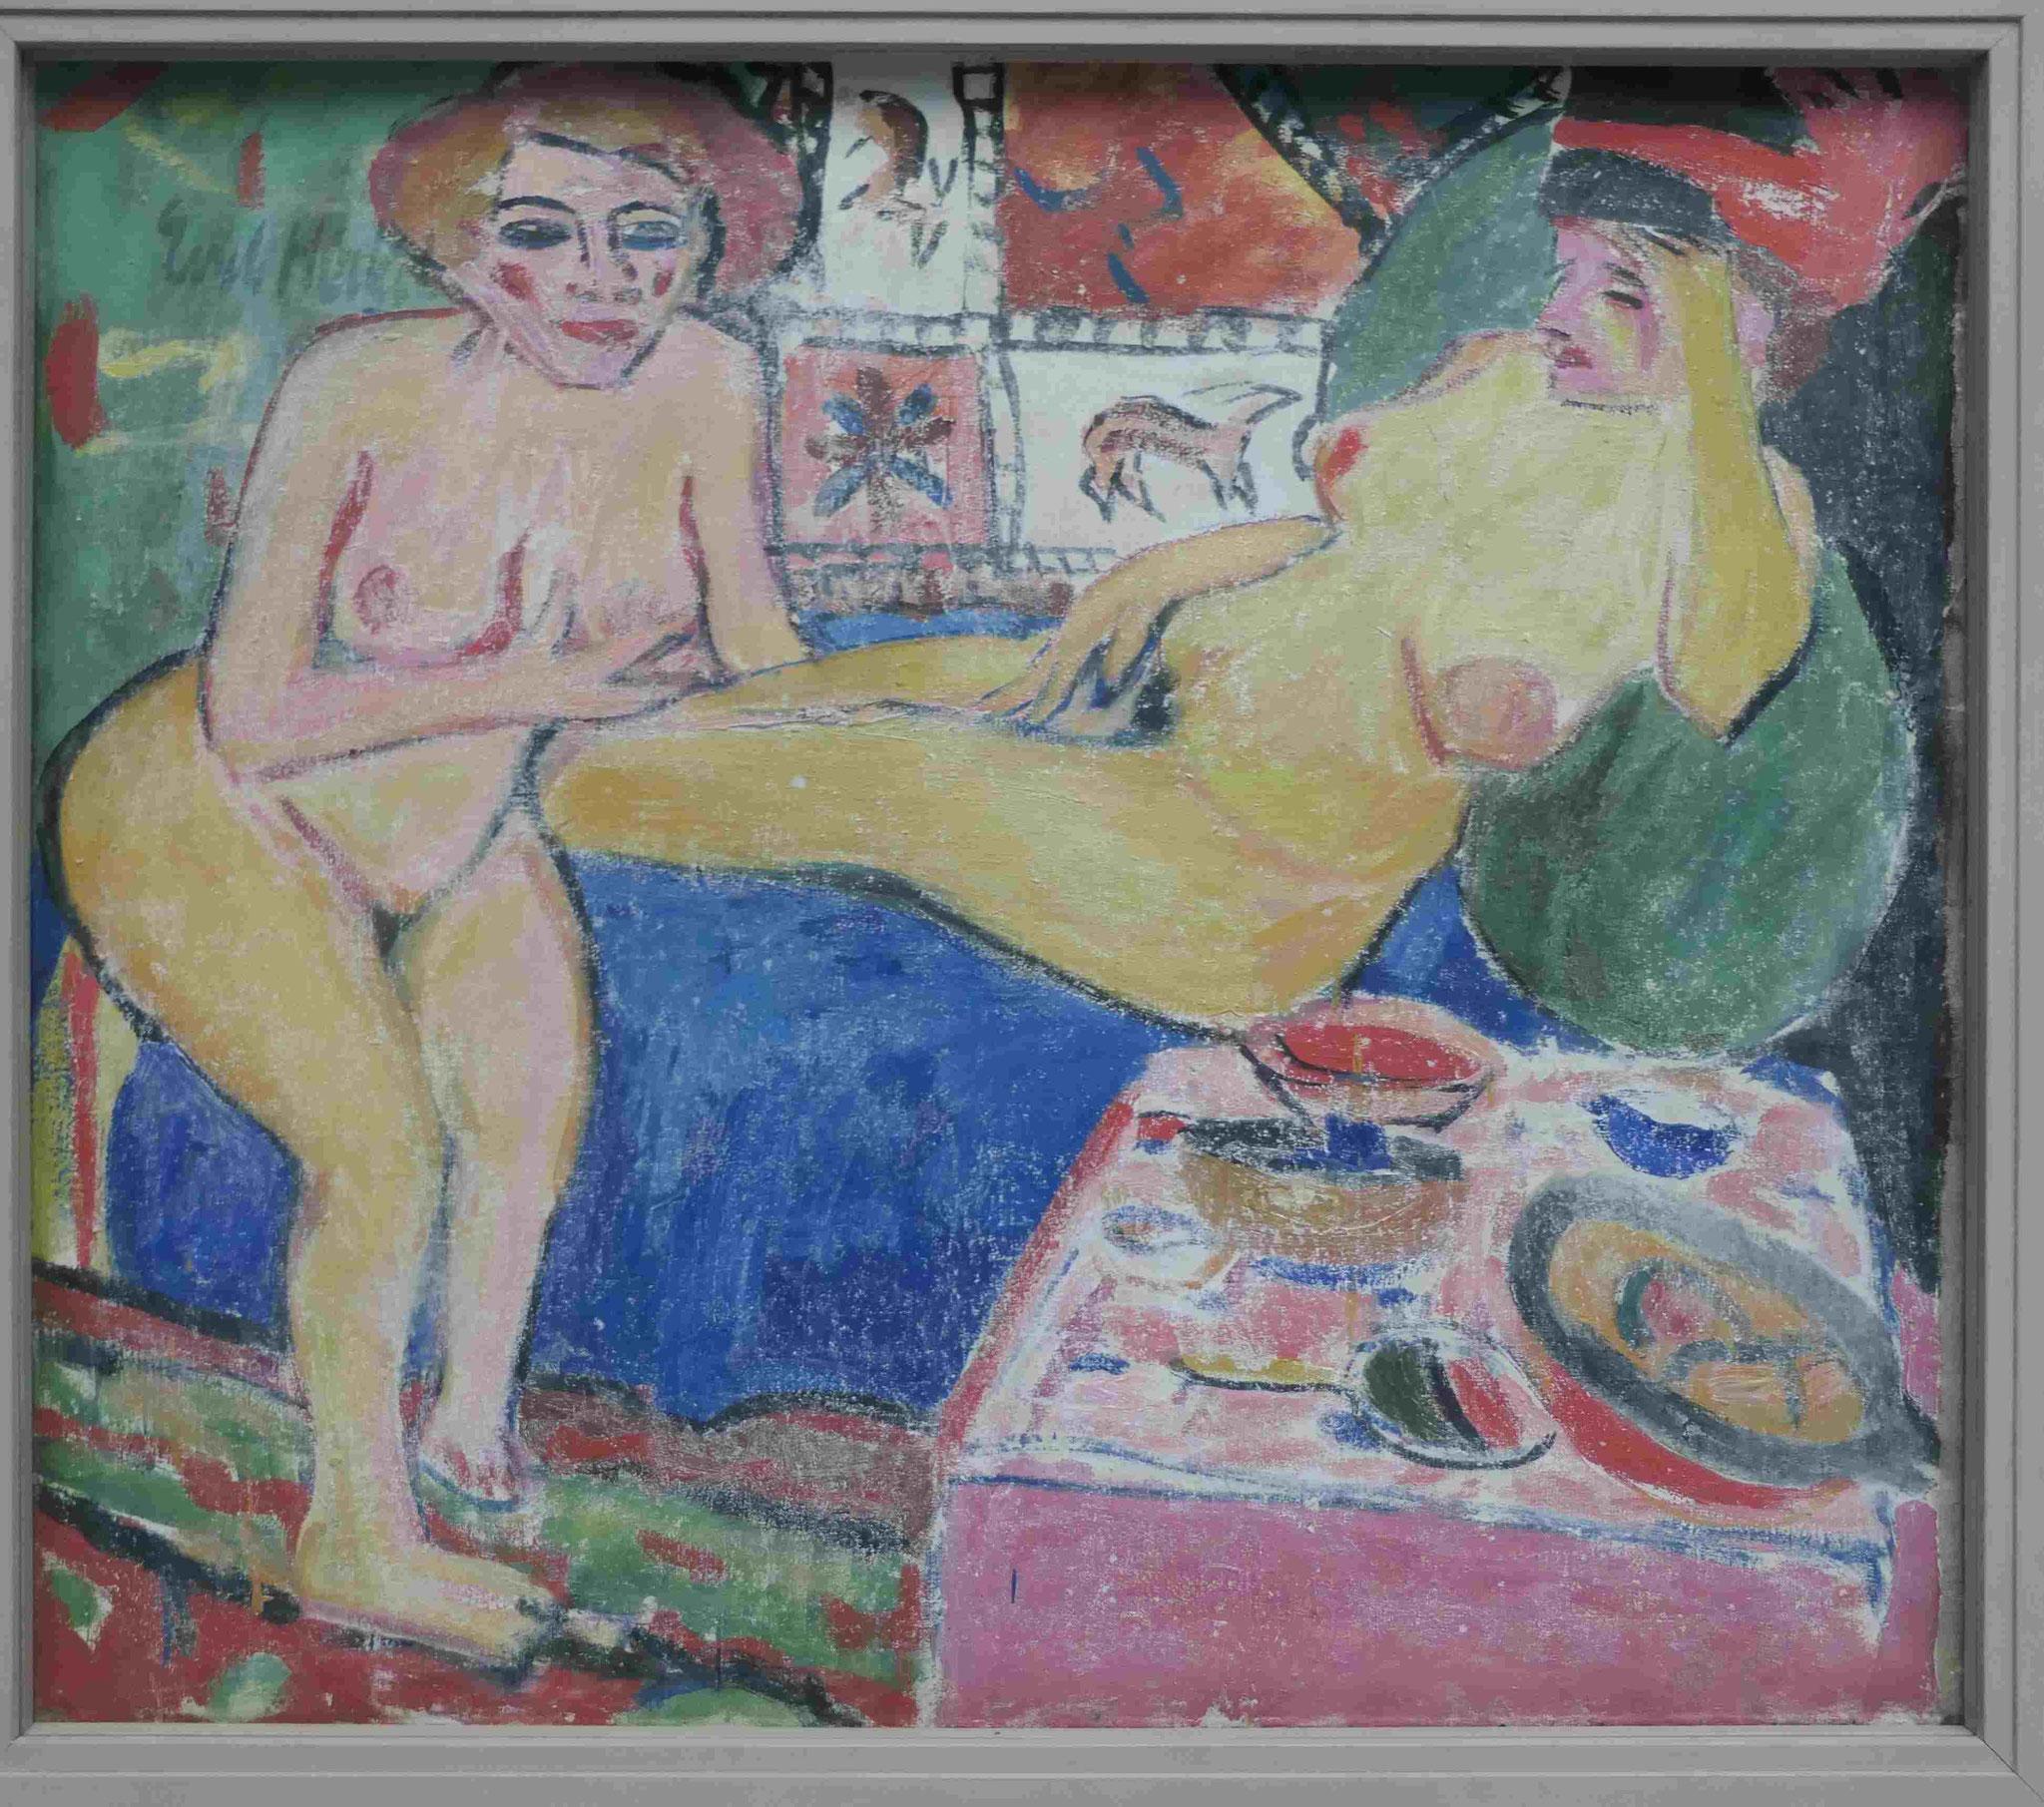 Erich Heckel, Zwei weibliche Akte auf blauem Sofa, ca. 1910, Kunsthalle zu Kiel